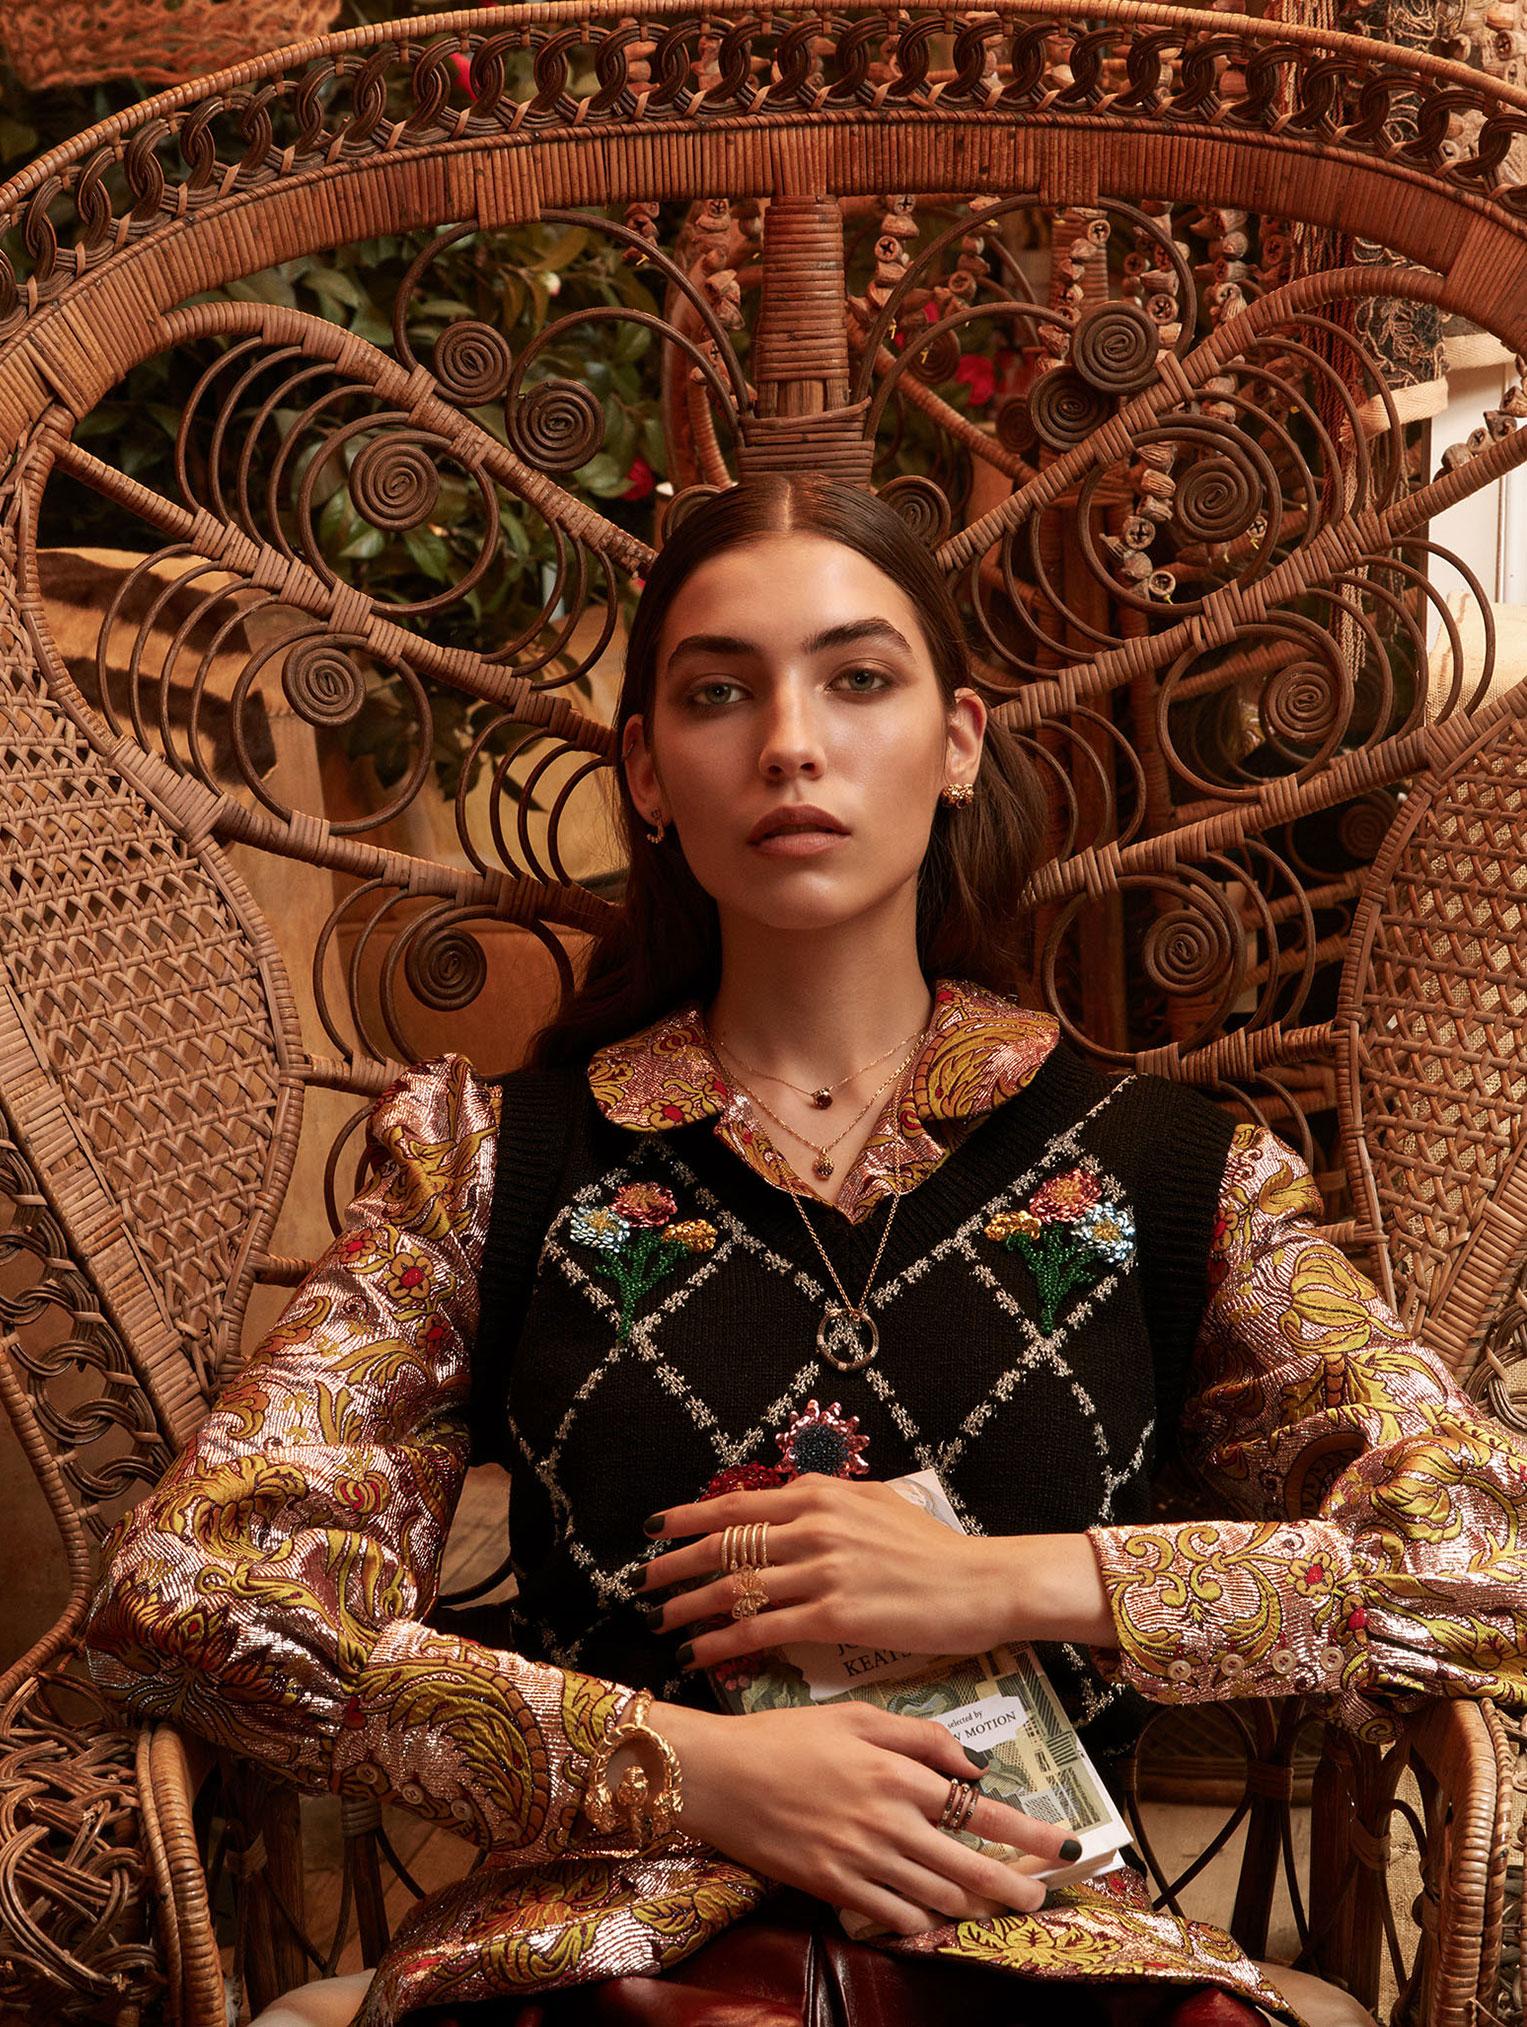 Елена Карьере в модной одежде Gucci, коллекция осень-зима 2019/20 / фото 04